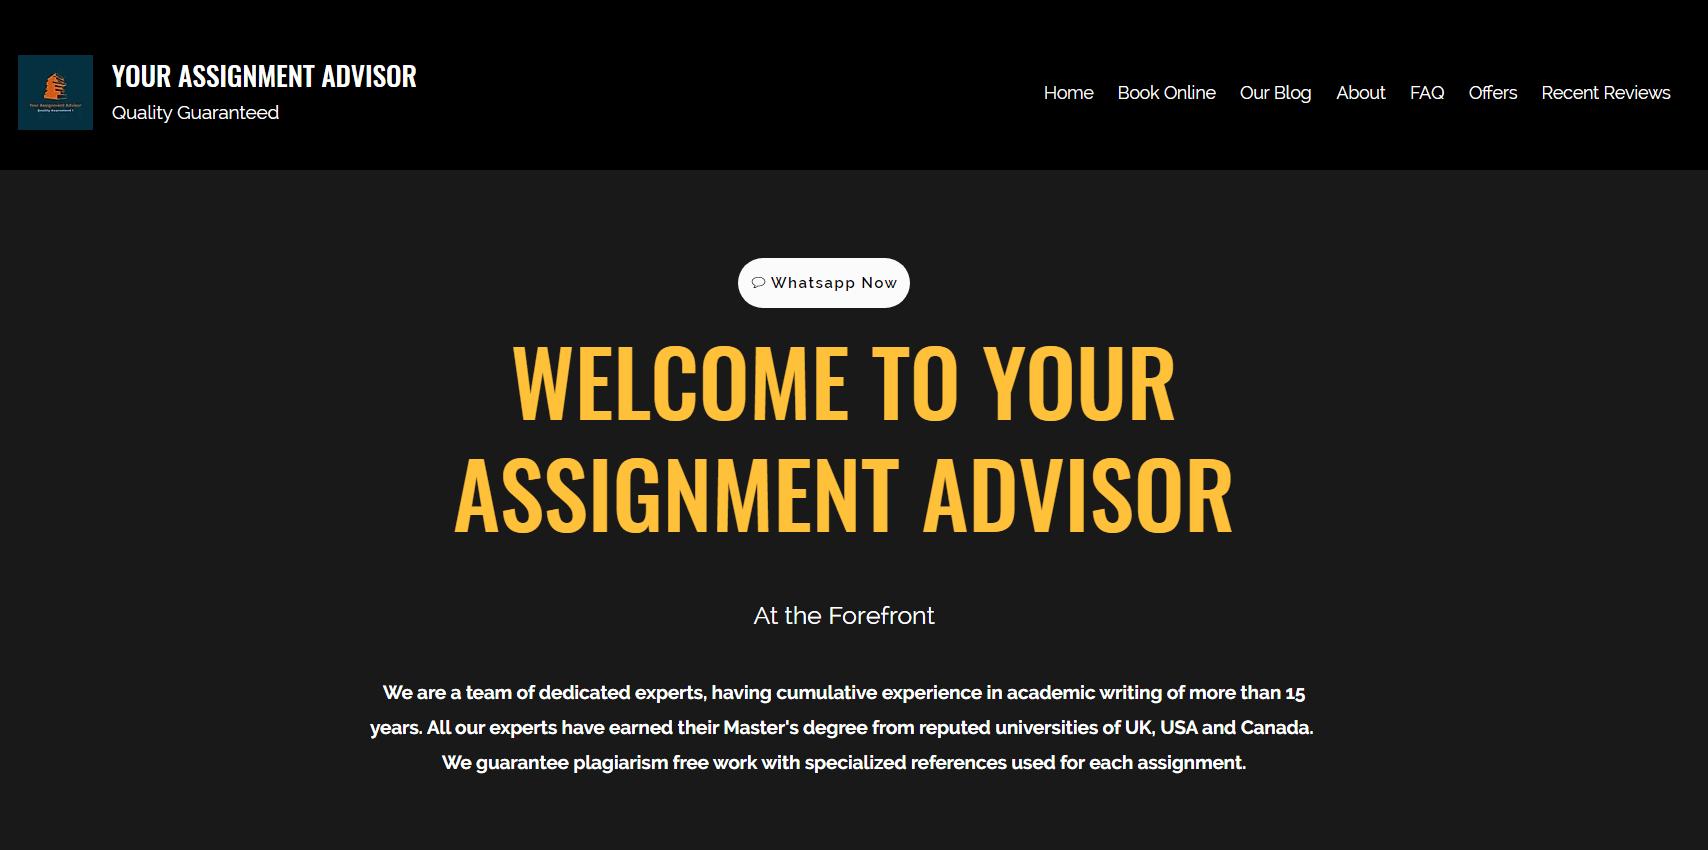 yourassignmentadvisor.com